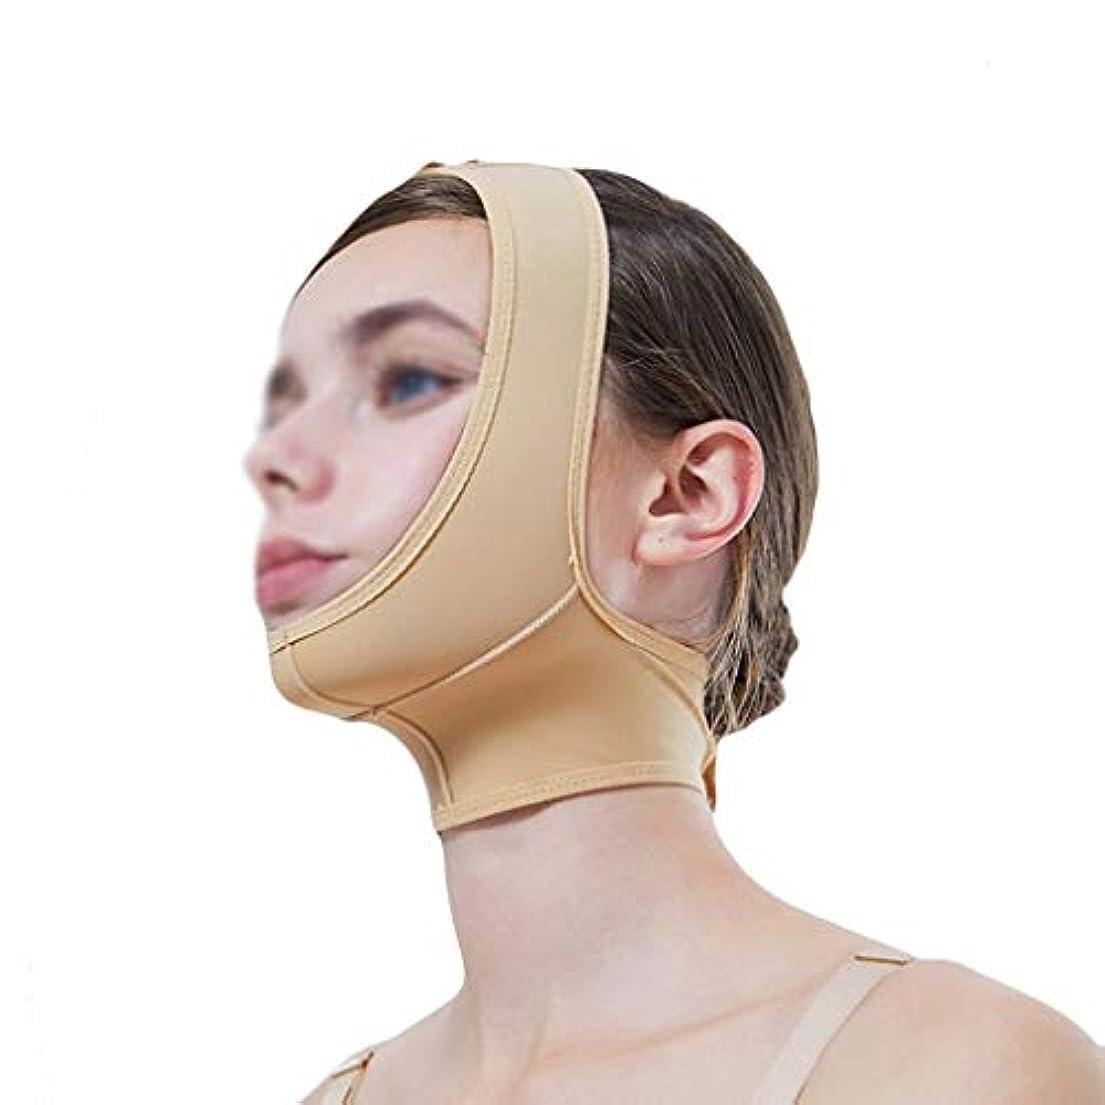 マスク、超薄型ベルト、フェイスリフティングに適し、フェイスリフティング、通気性包帯、あご取りベルト、超薄型ベルト、通気性(サイズ:XL),L